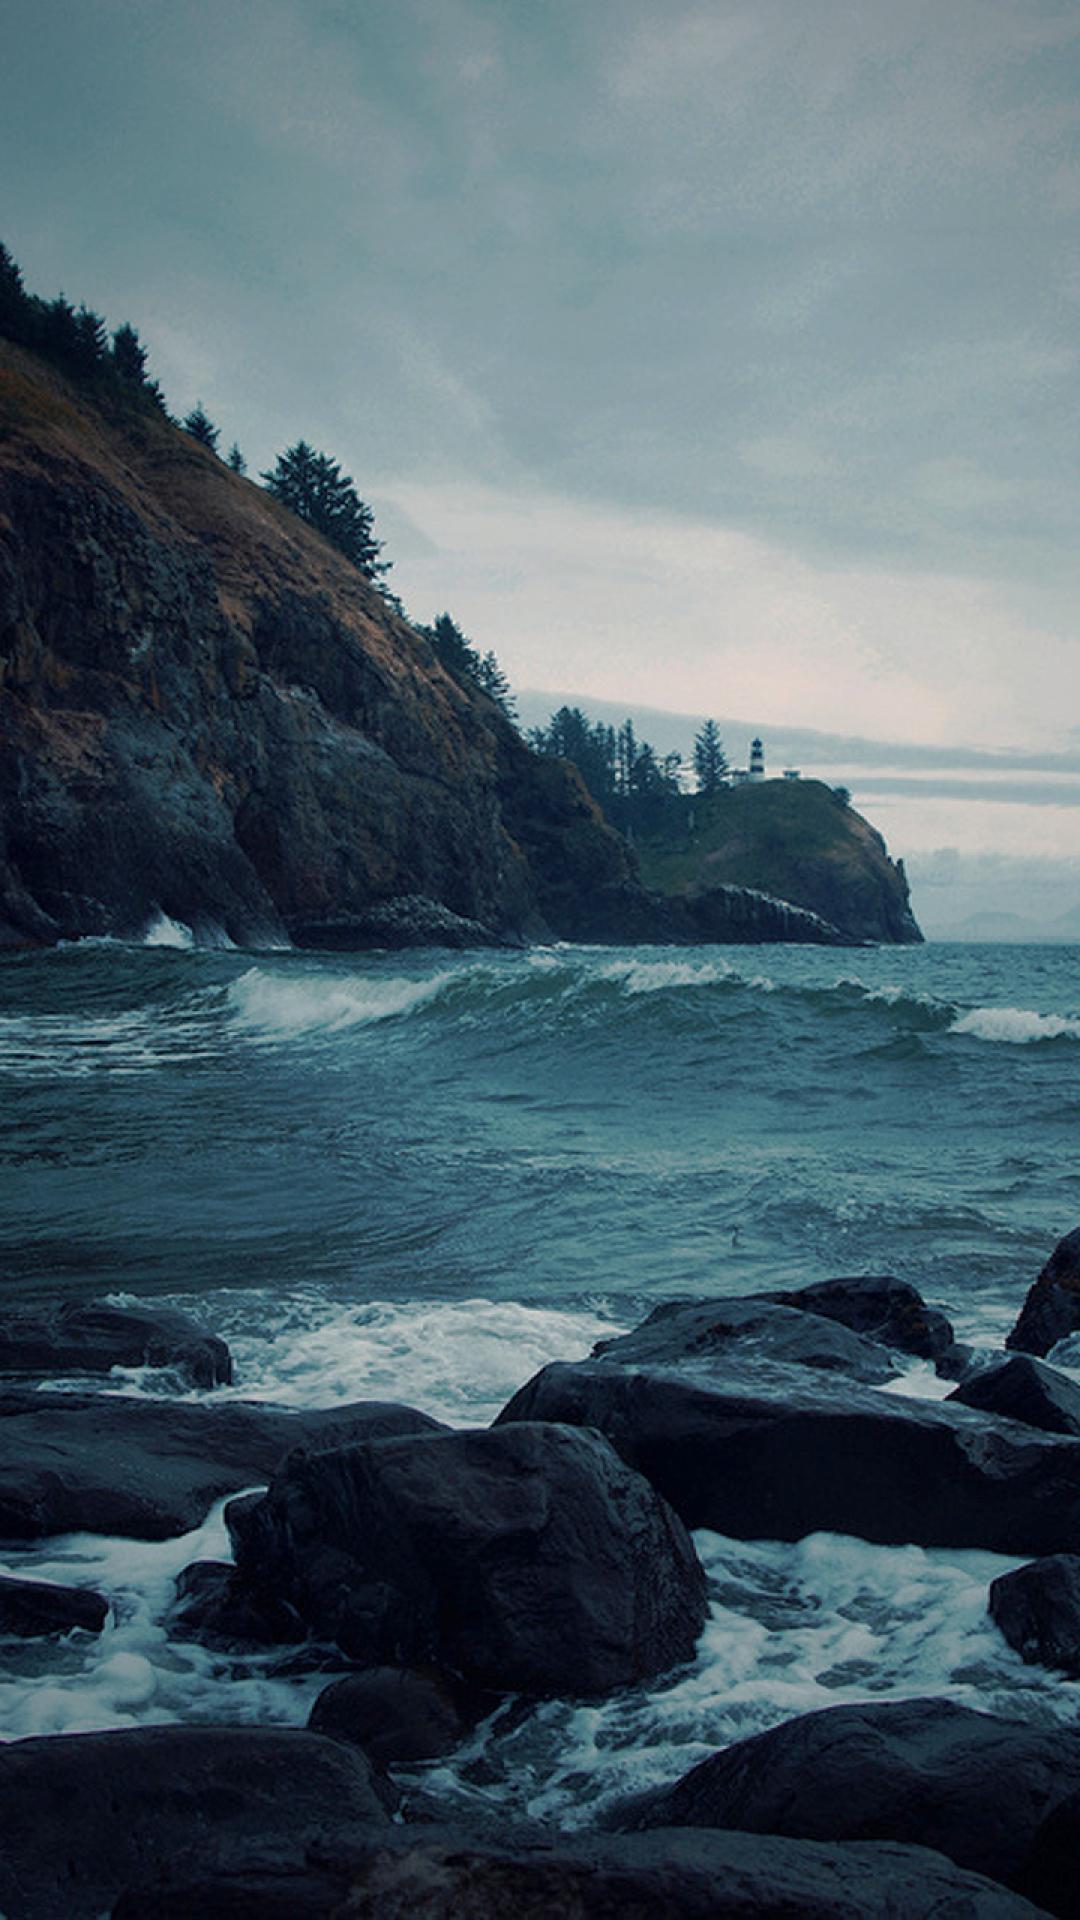 Ocean Tumblr Aesthetic Android Iphone Desktop Hd Backgrounds Wallpapers 1080p 4k In 2020 Naturbilder Alan Walker Hintergrundbilder